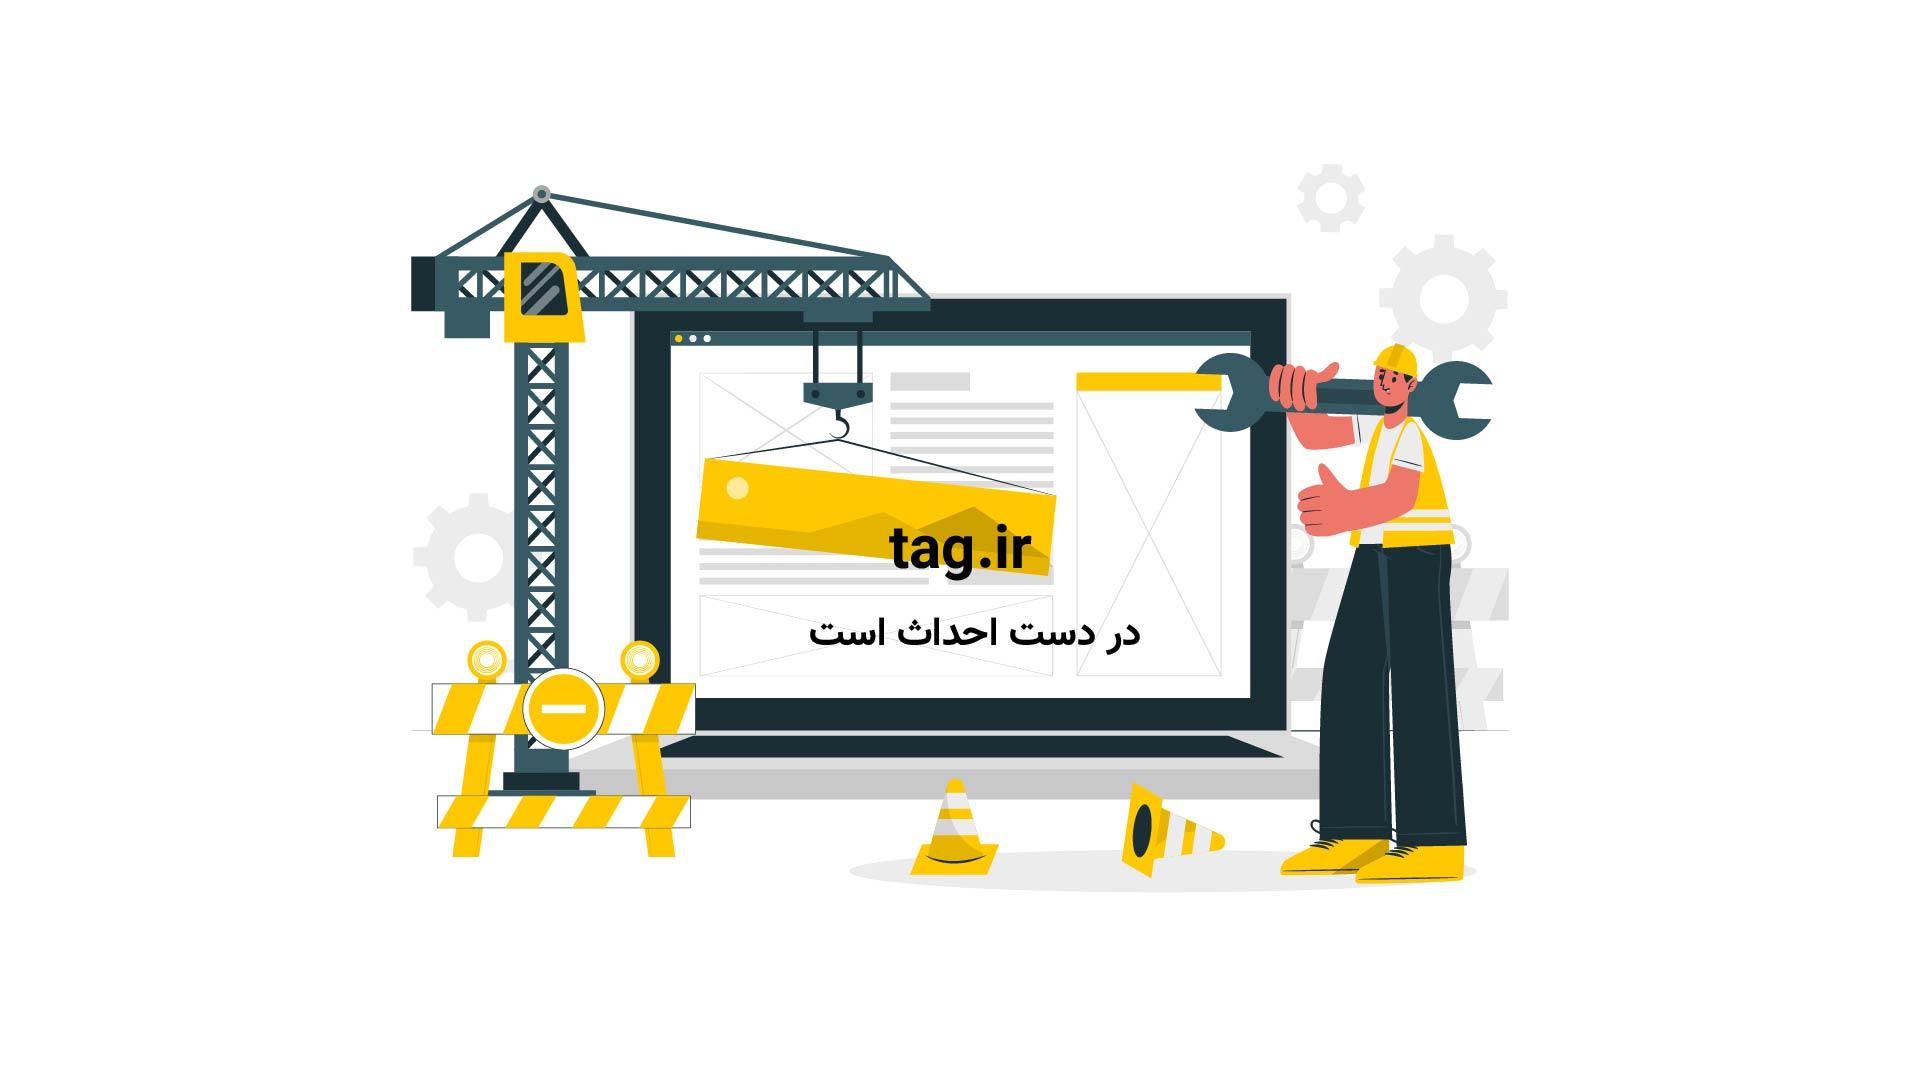 شکار غافلگیرانهی هشتپا توسط سفره ماهی | فیلم